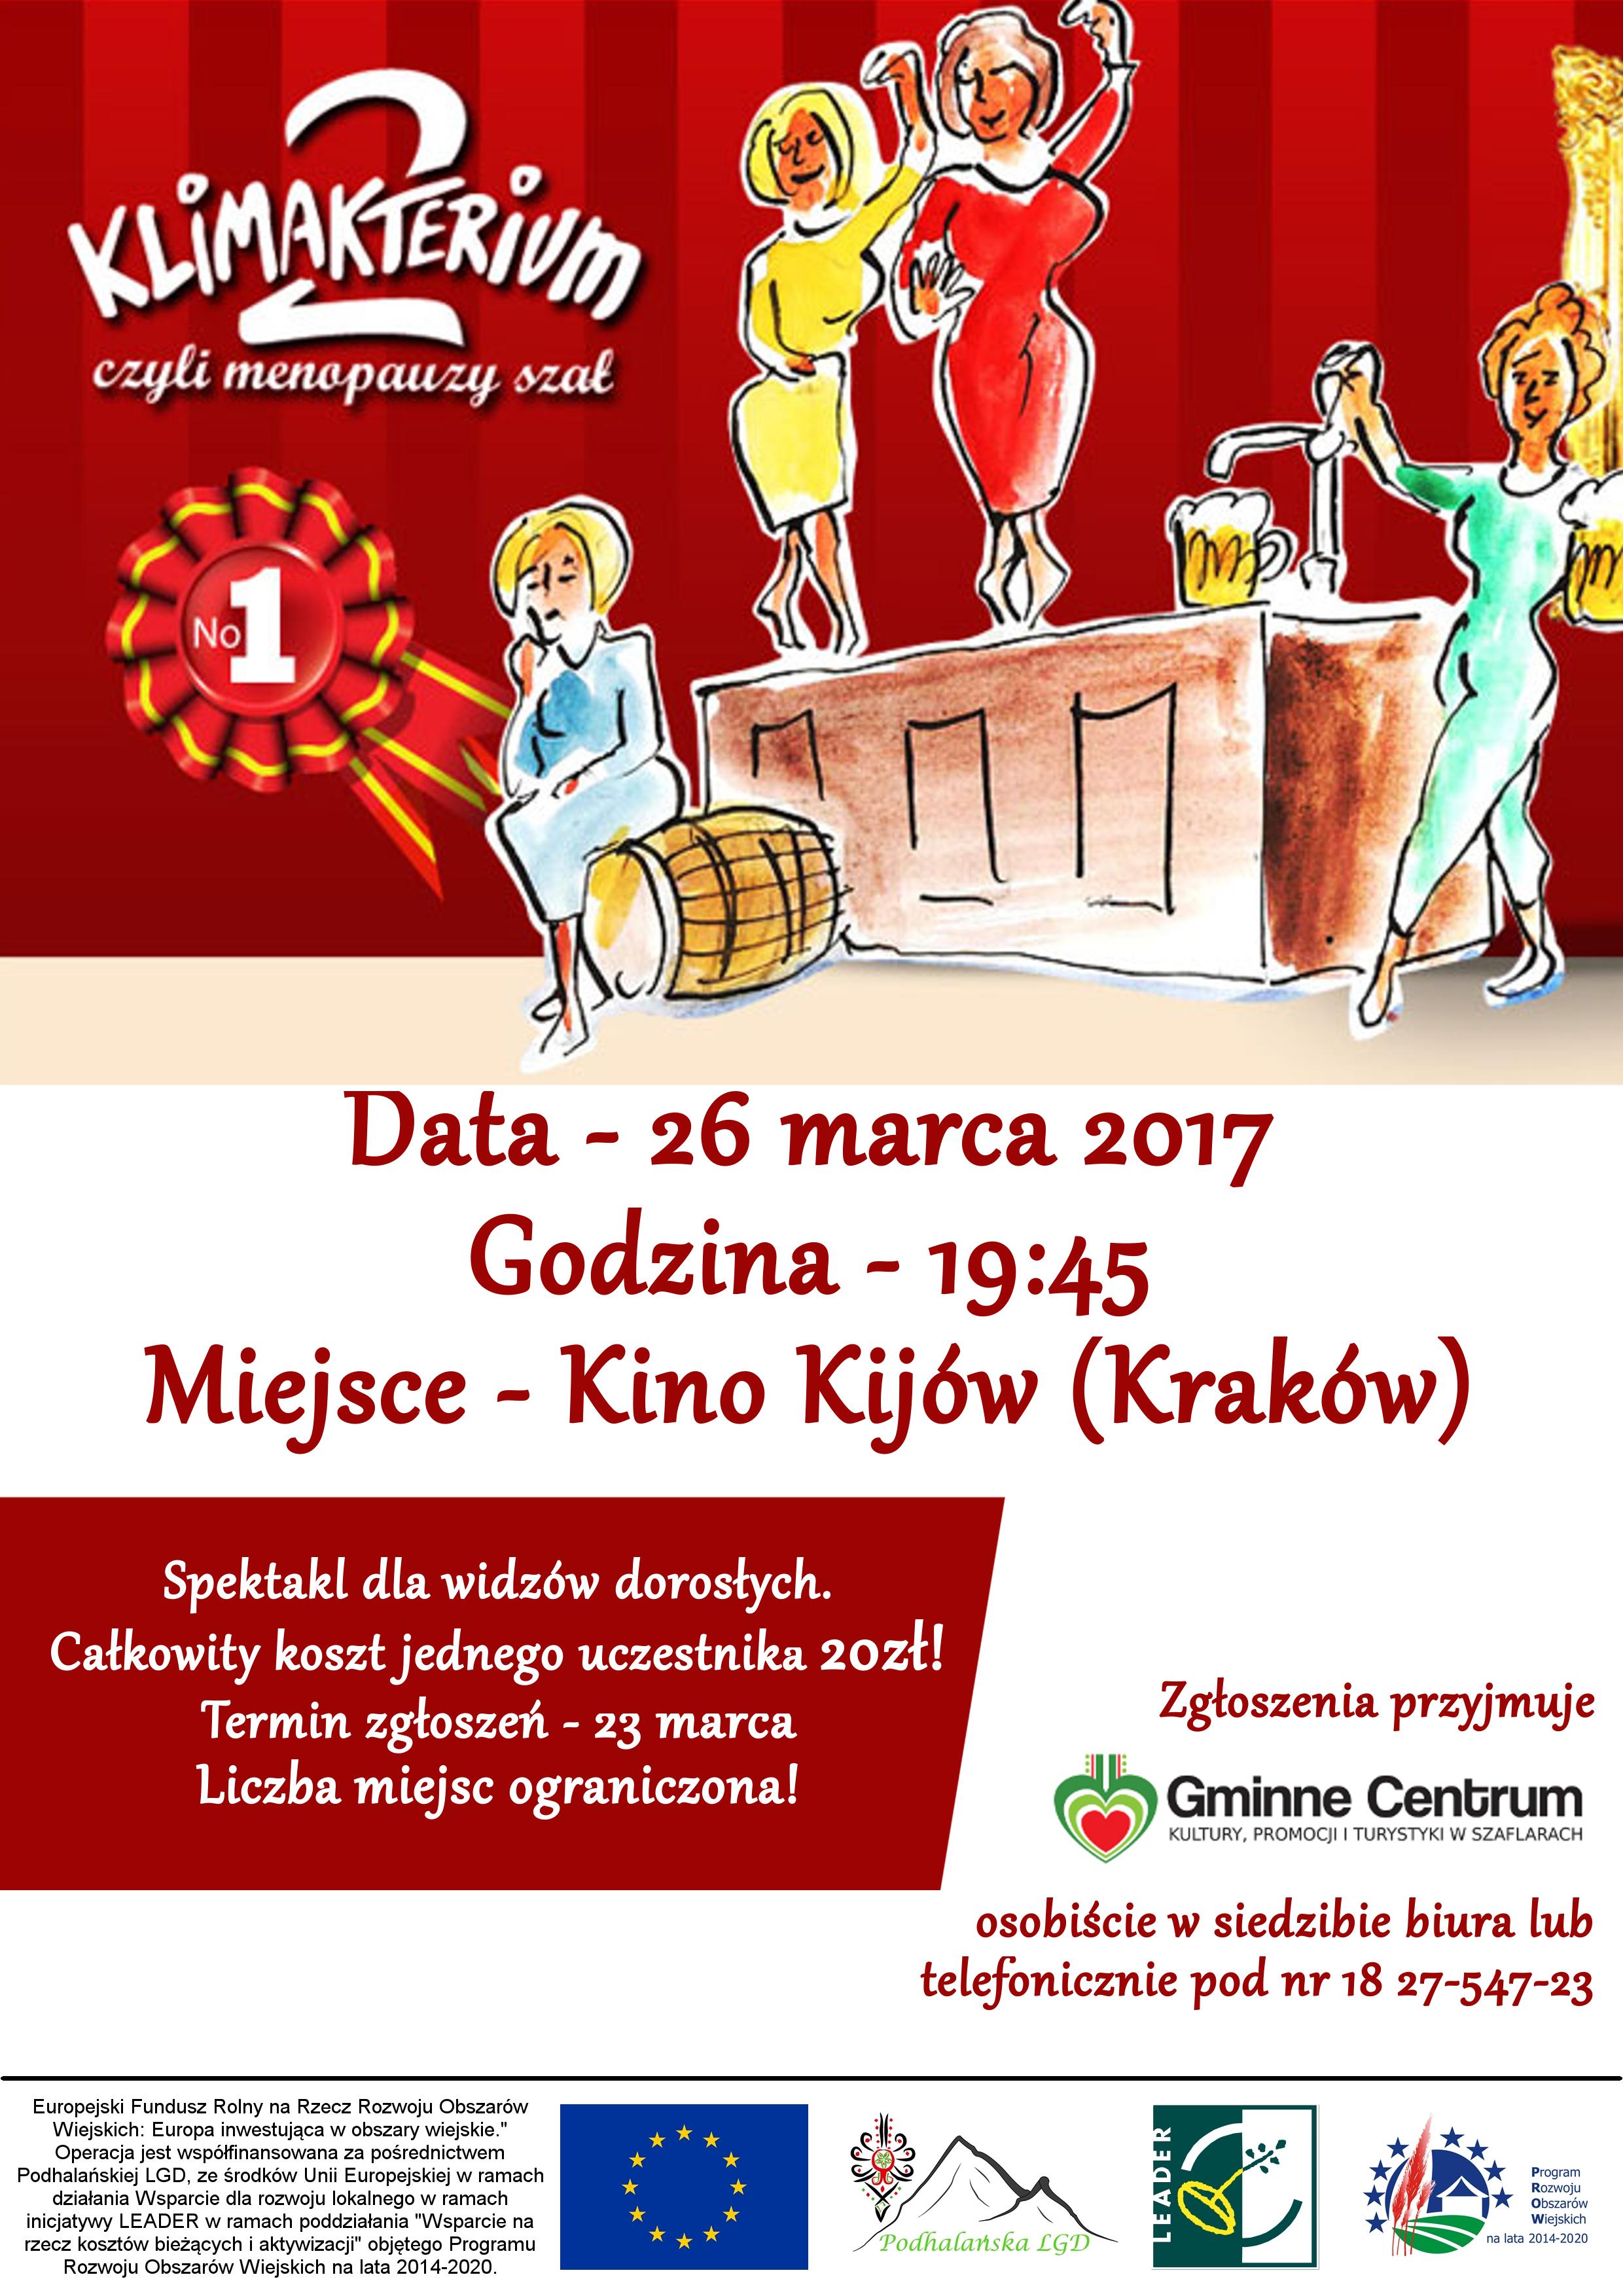 Szaflary_spektakl_GCKPiT_26-03-2017